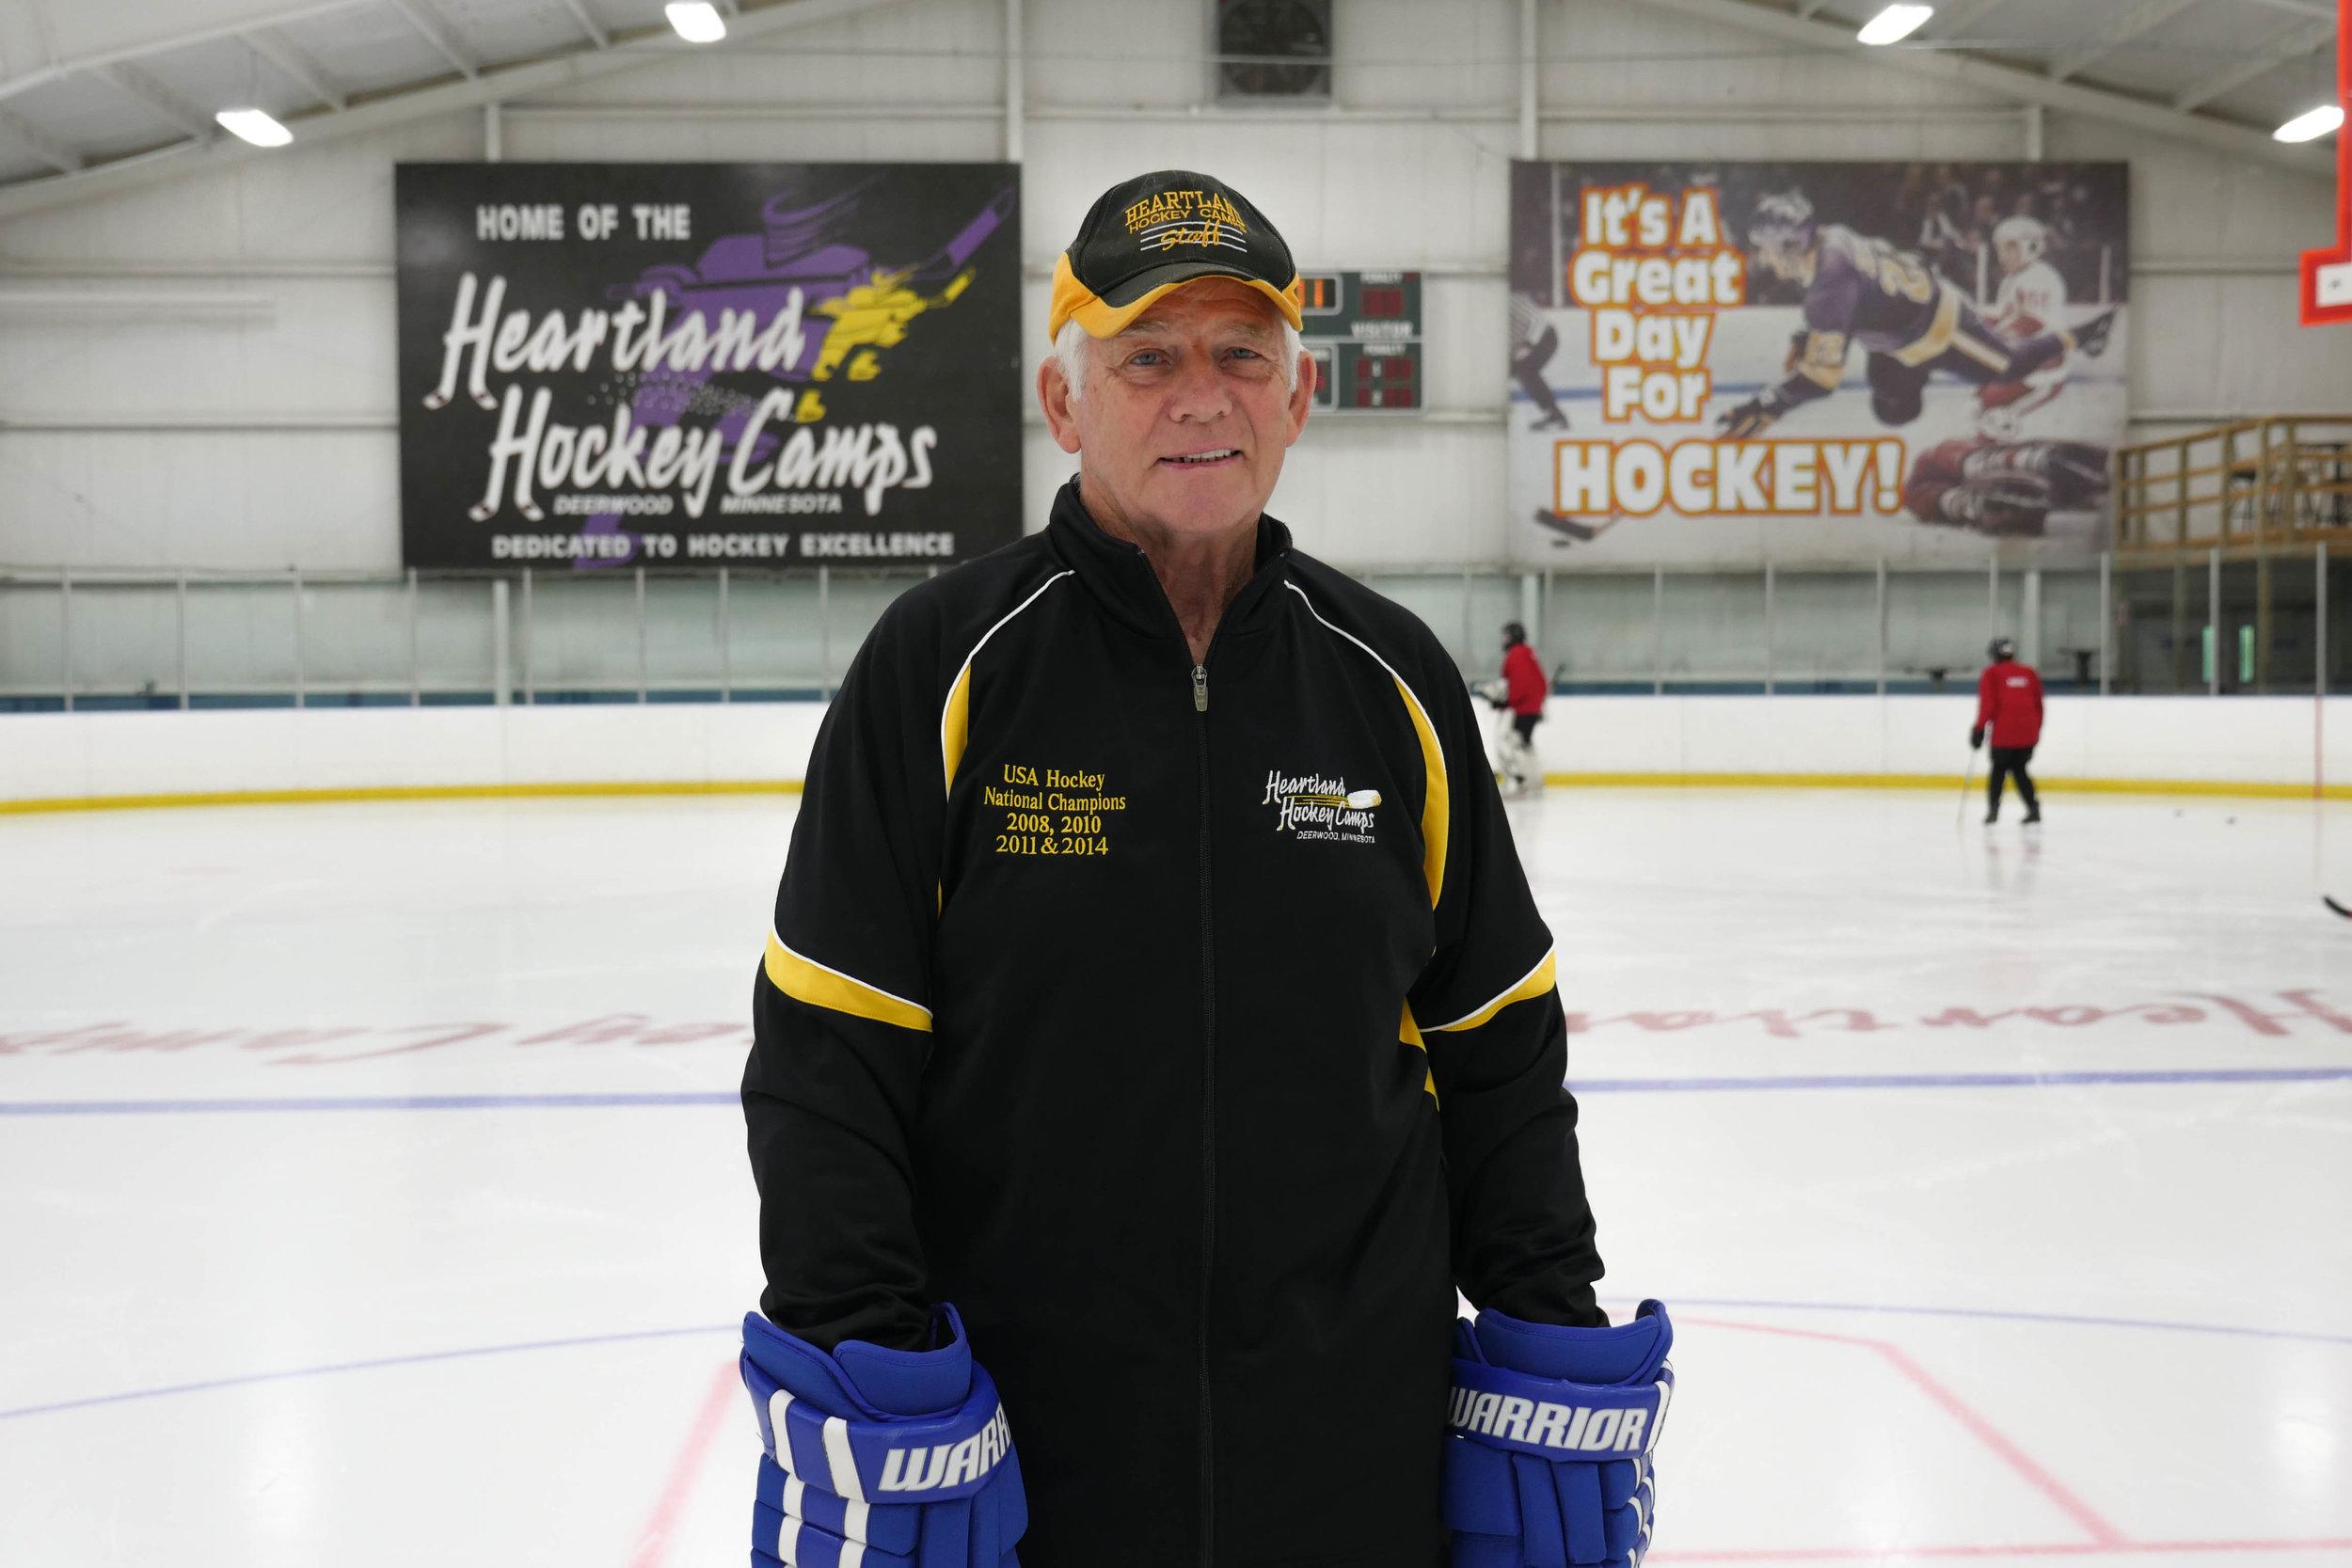 Len Lilyholm Head Coach/U.S. Olympian